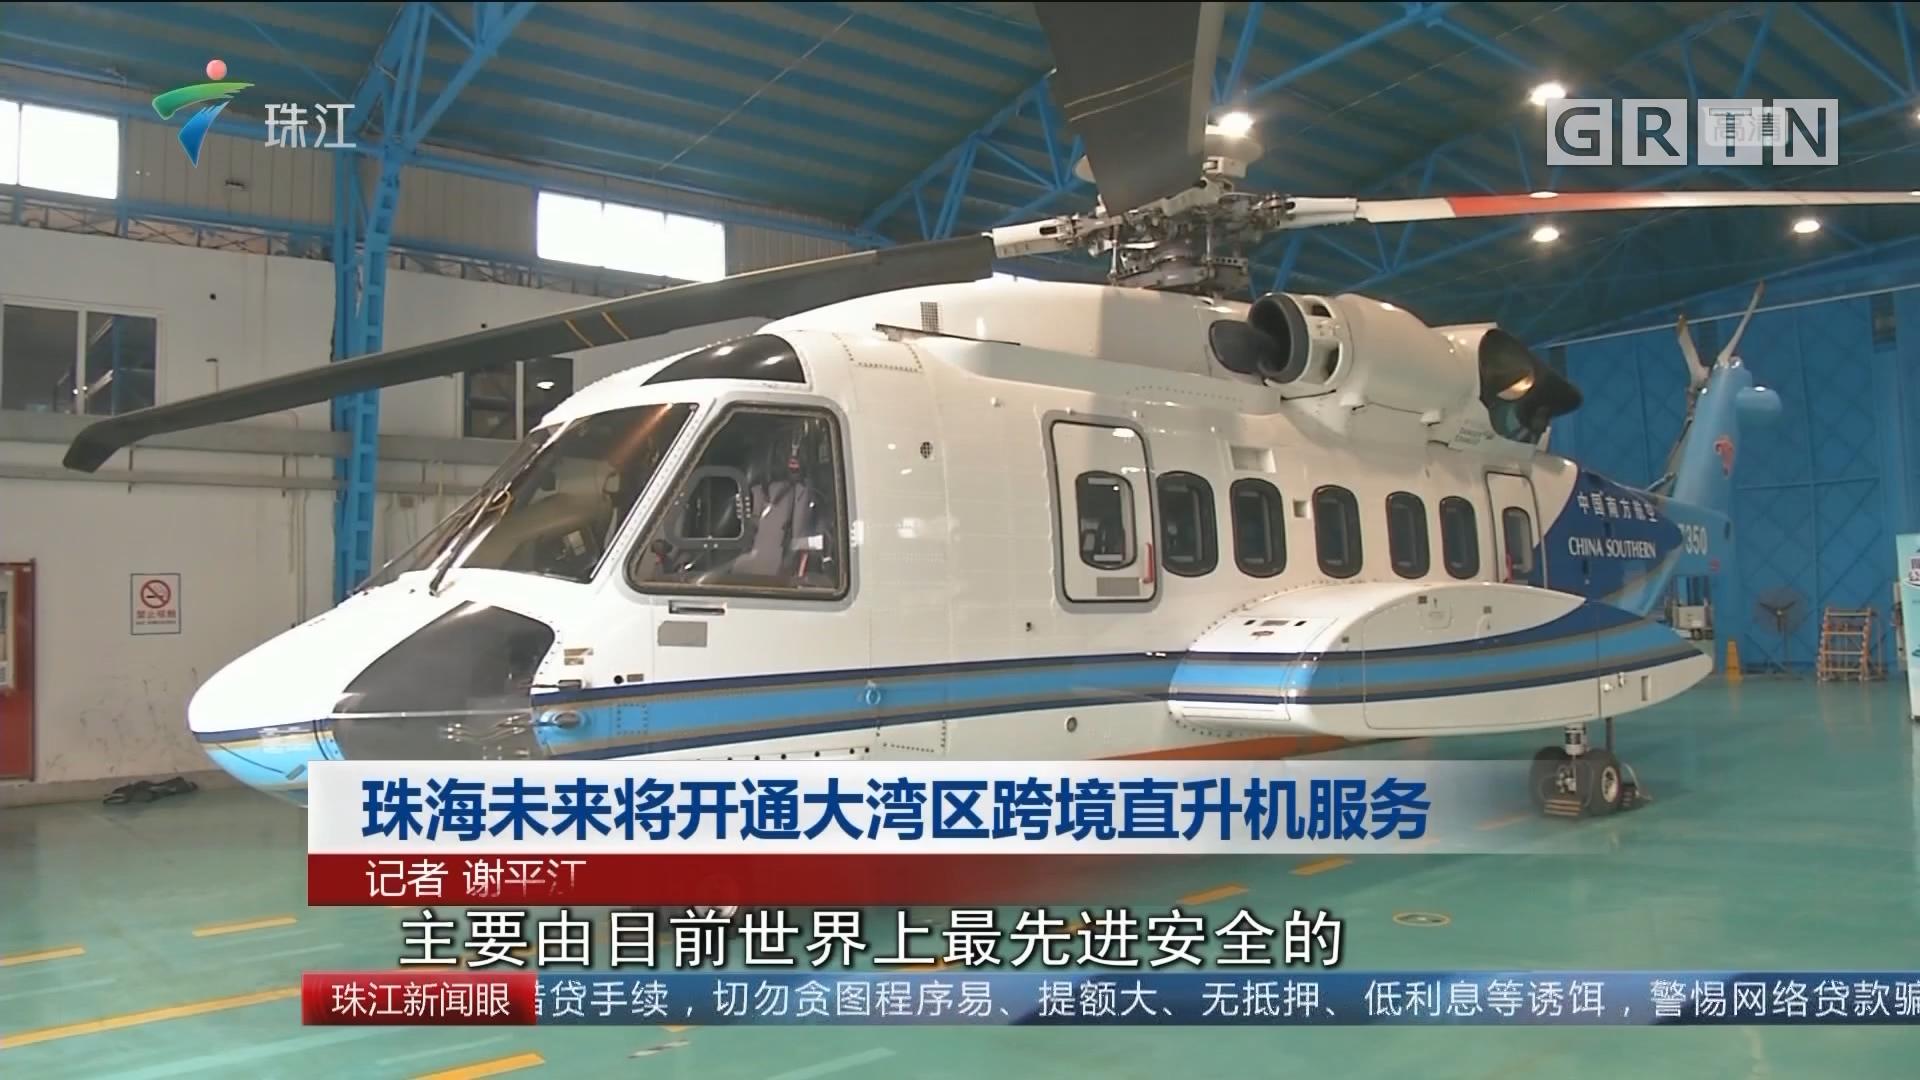 珠海未来将开通大湾区跨境直升机服务